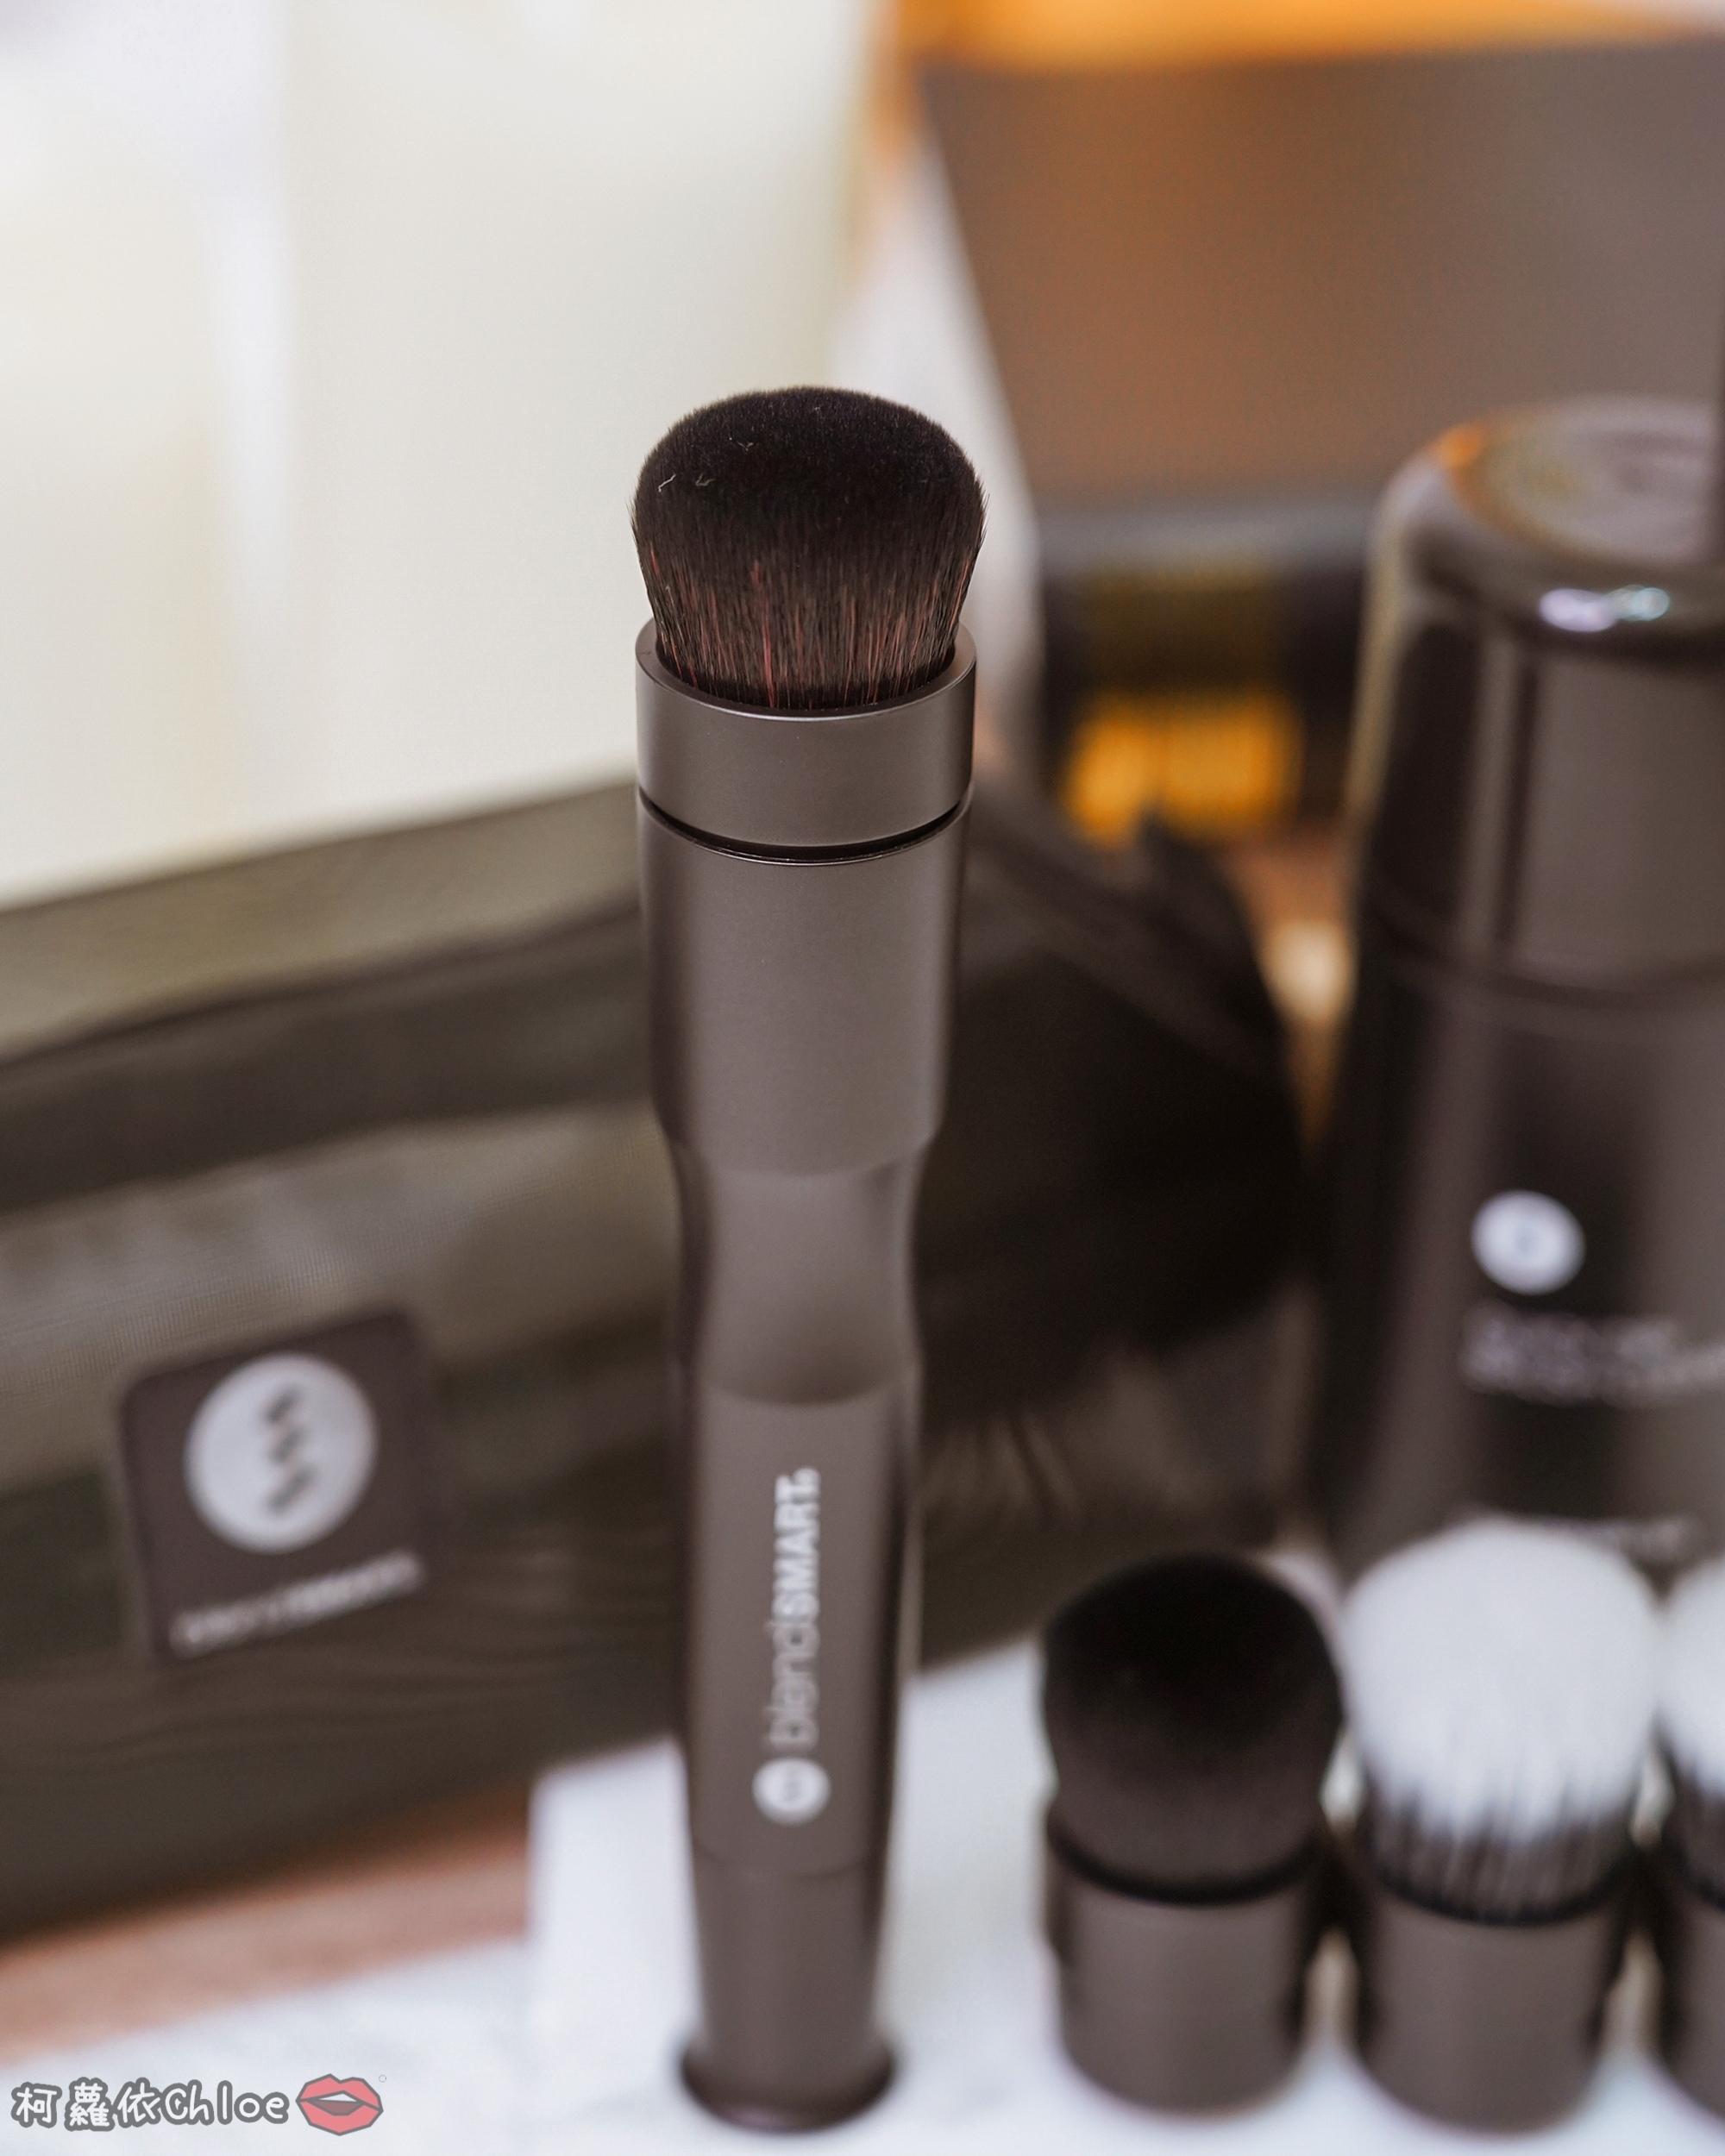 彩妝工具推薦 blendSMART電動化妝刷 達人套裝開箱 上妝輕柔更有效率30.jpg